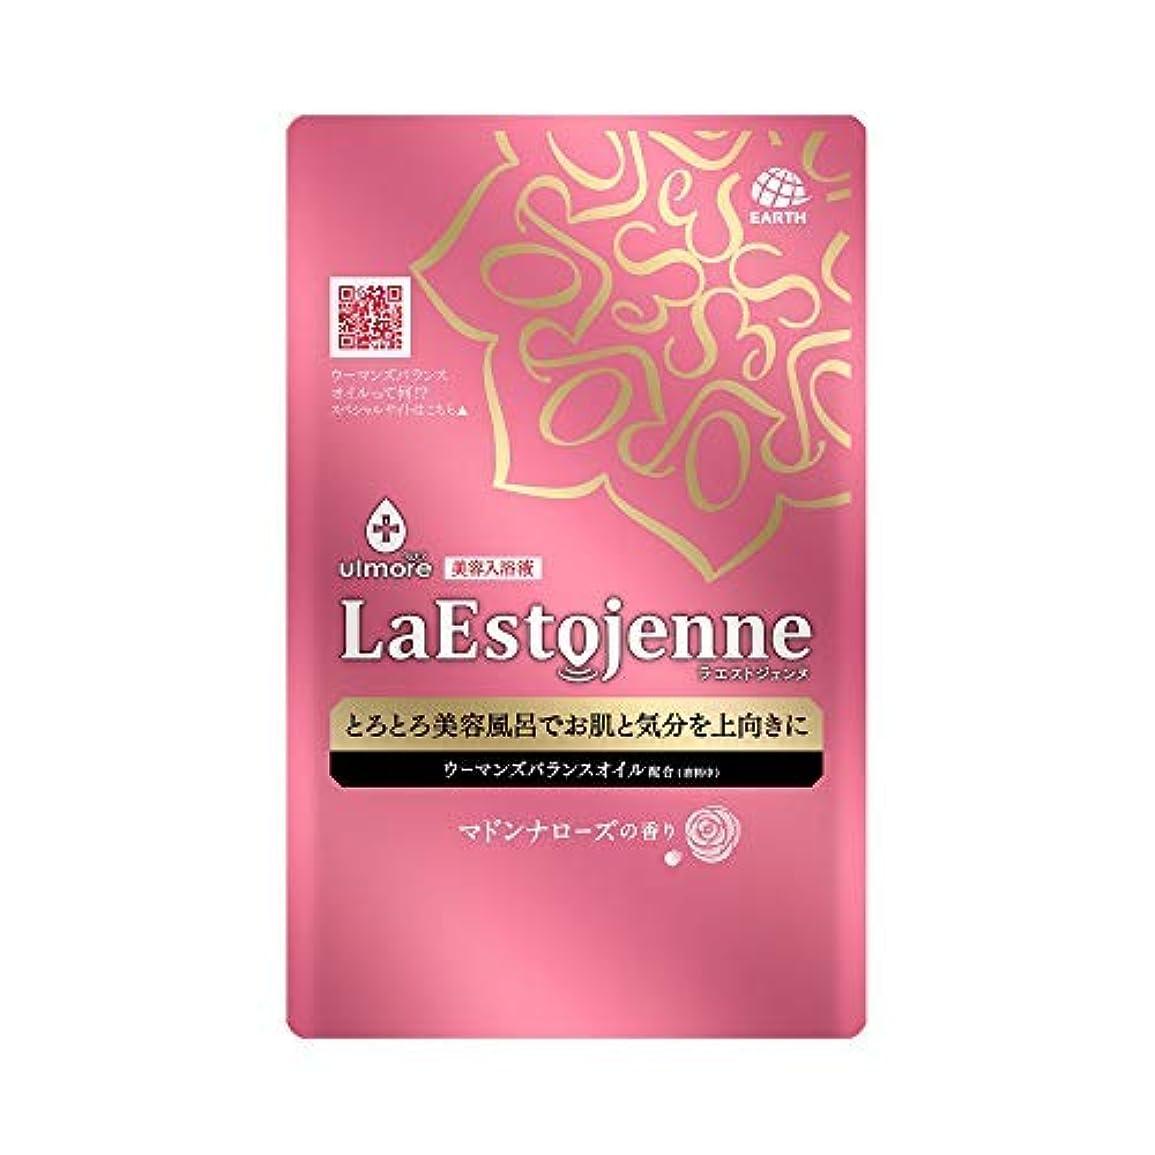 バイナリ内なる採用するウルモア ラエストジェンヌ マドンナローズの香り 1包 × 8個セット